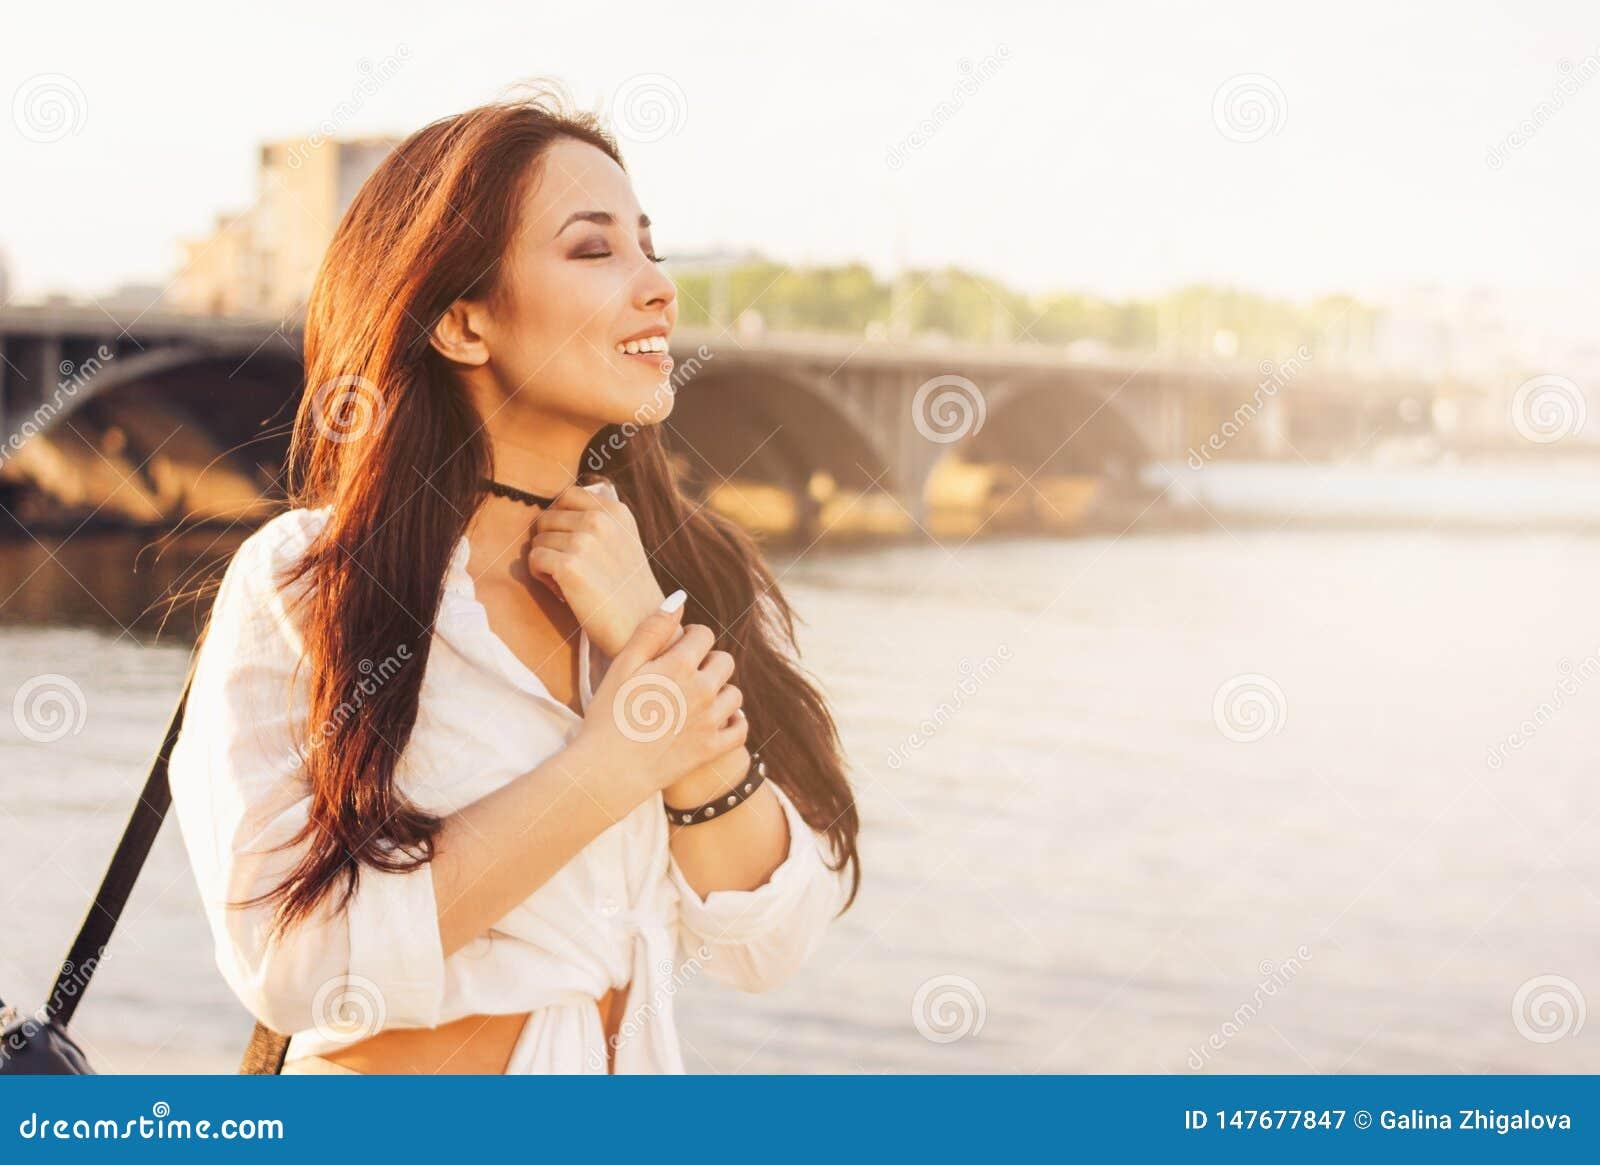 Gl?ckliches asiatisches M?dchen des positiven sch?nen langen Haares im wei?en Hemd auf Stadtfluss-Br?ckenhintergrund, Sommerreise